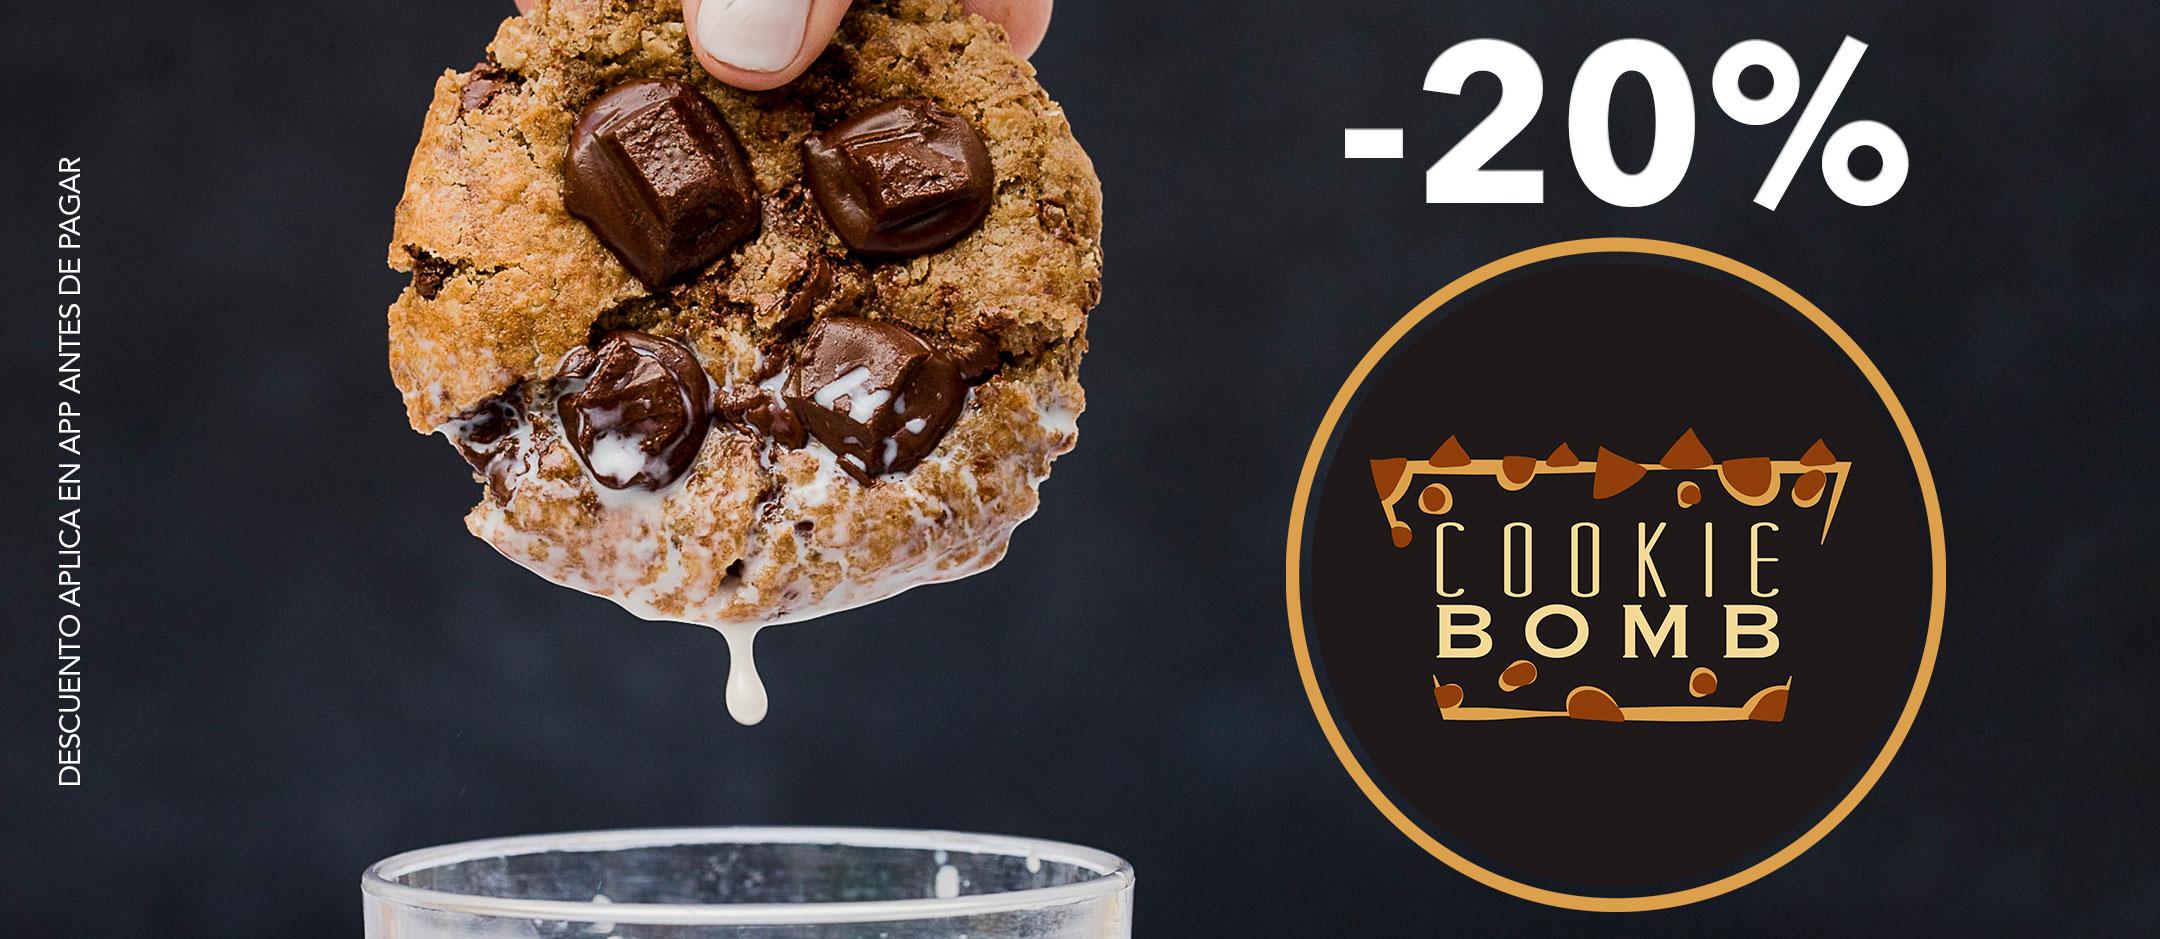 Cookie Bomb Promo